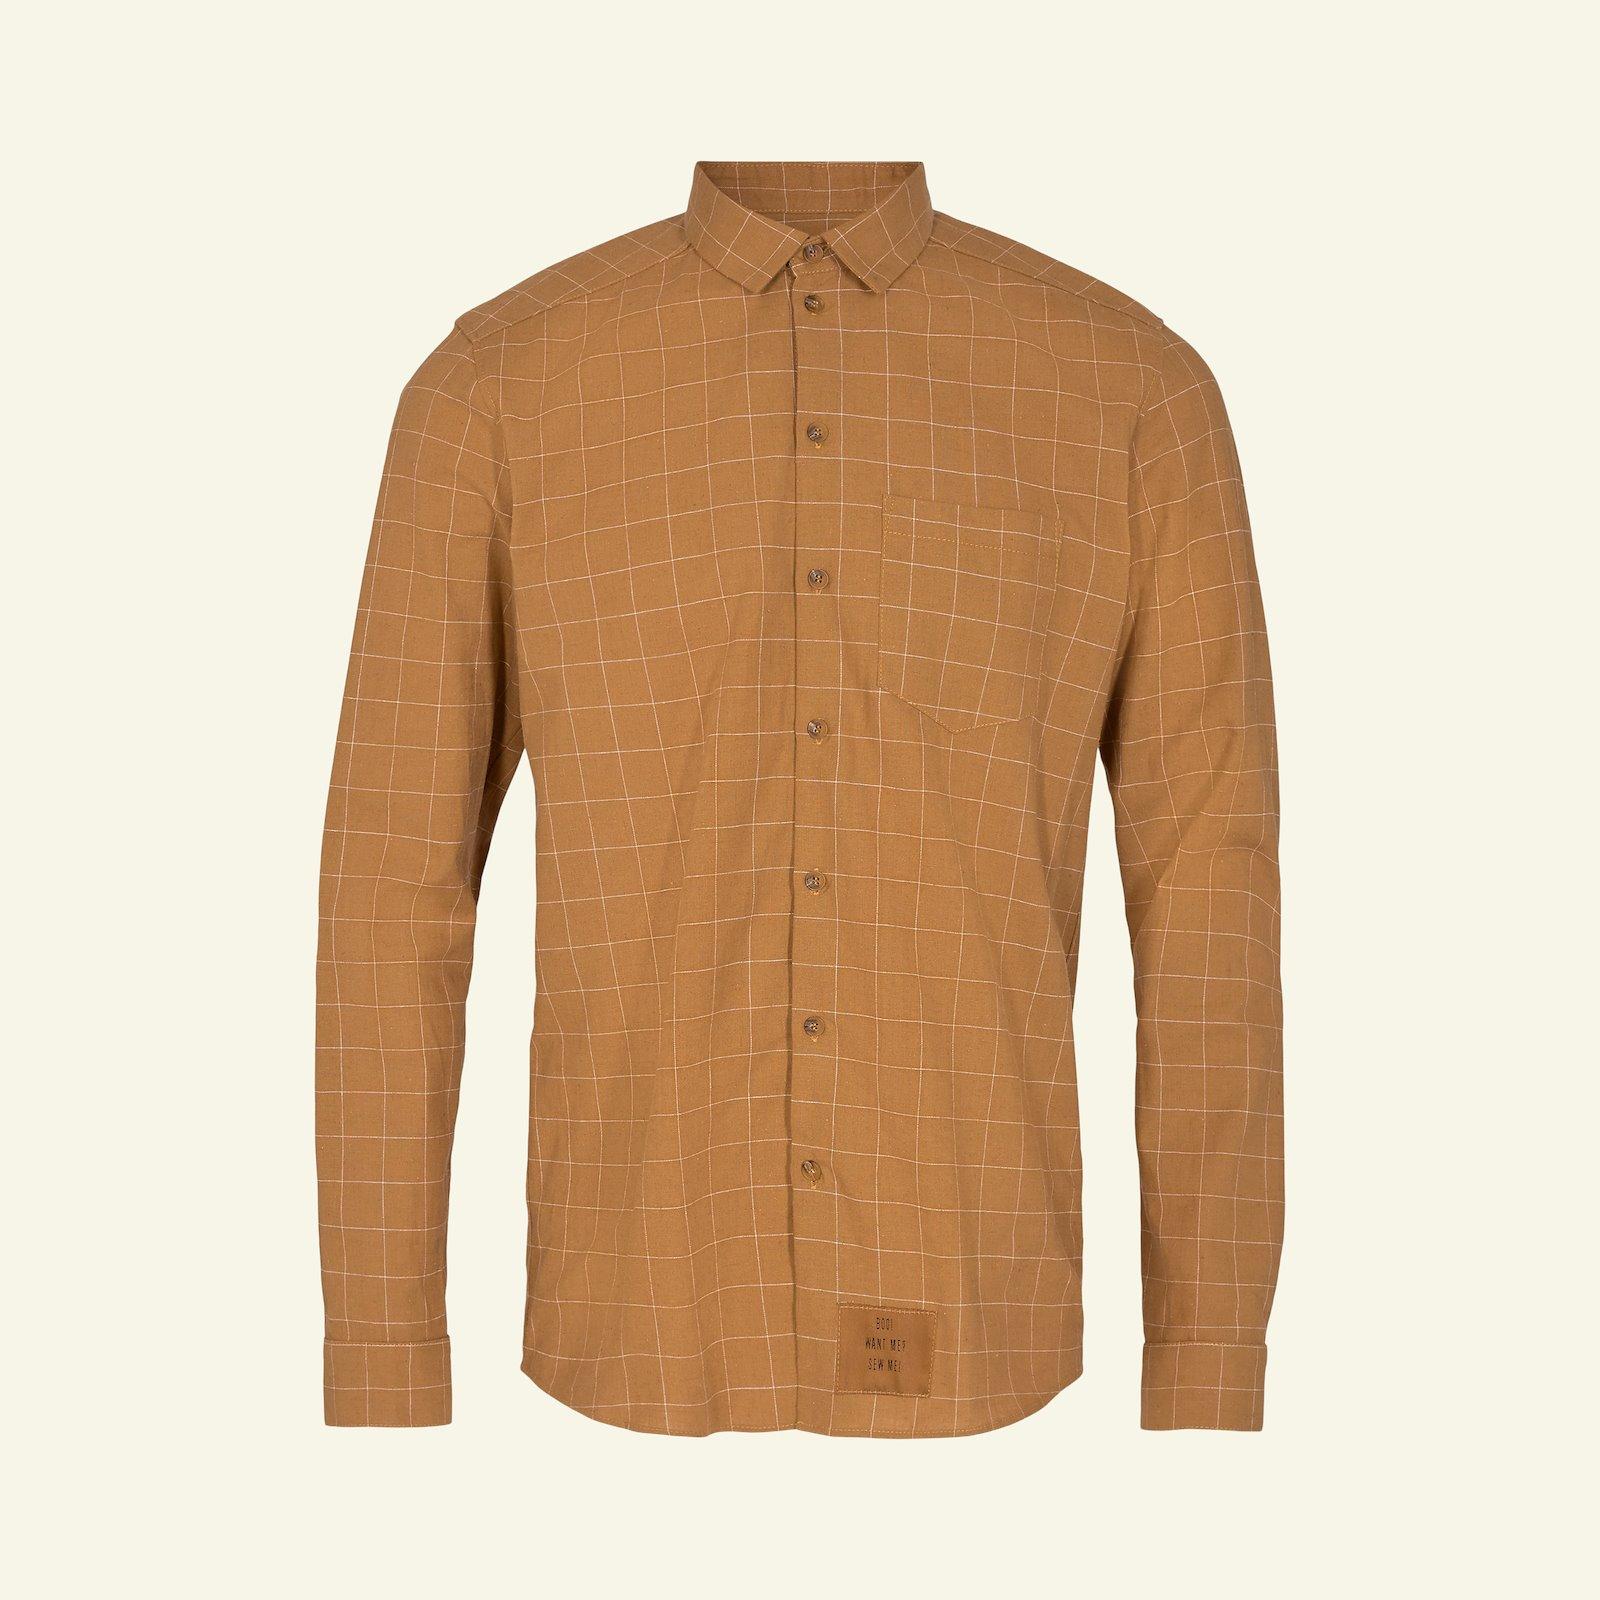 Shirt, XXL p87001_816178_33044_26542_sskit